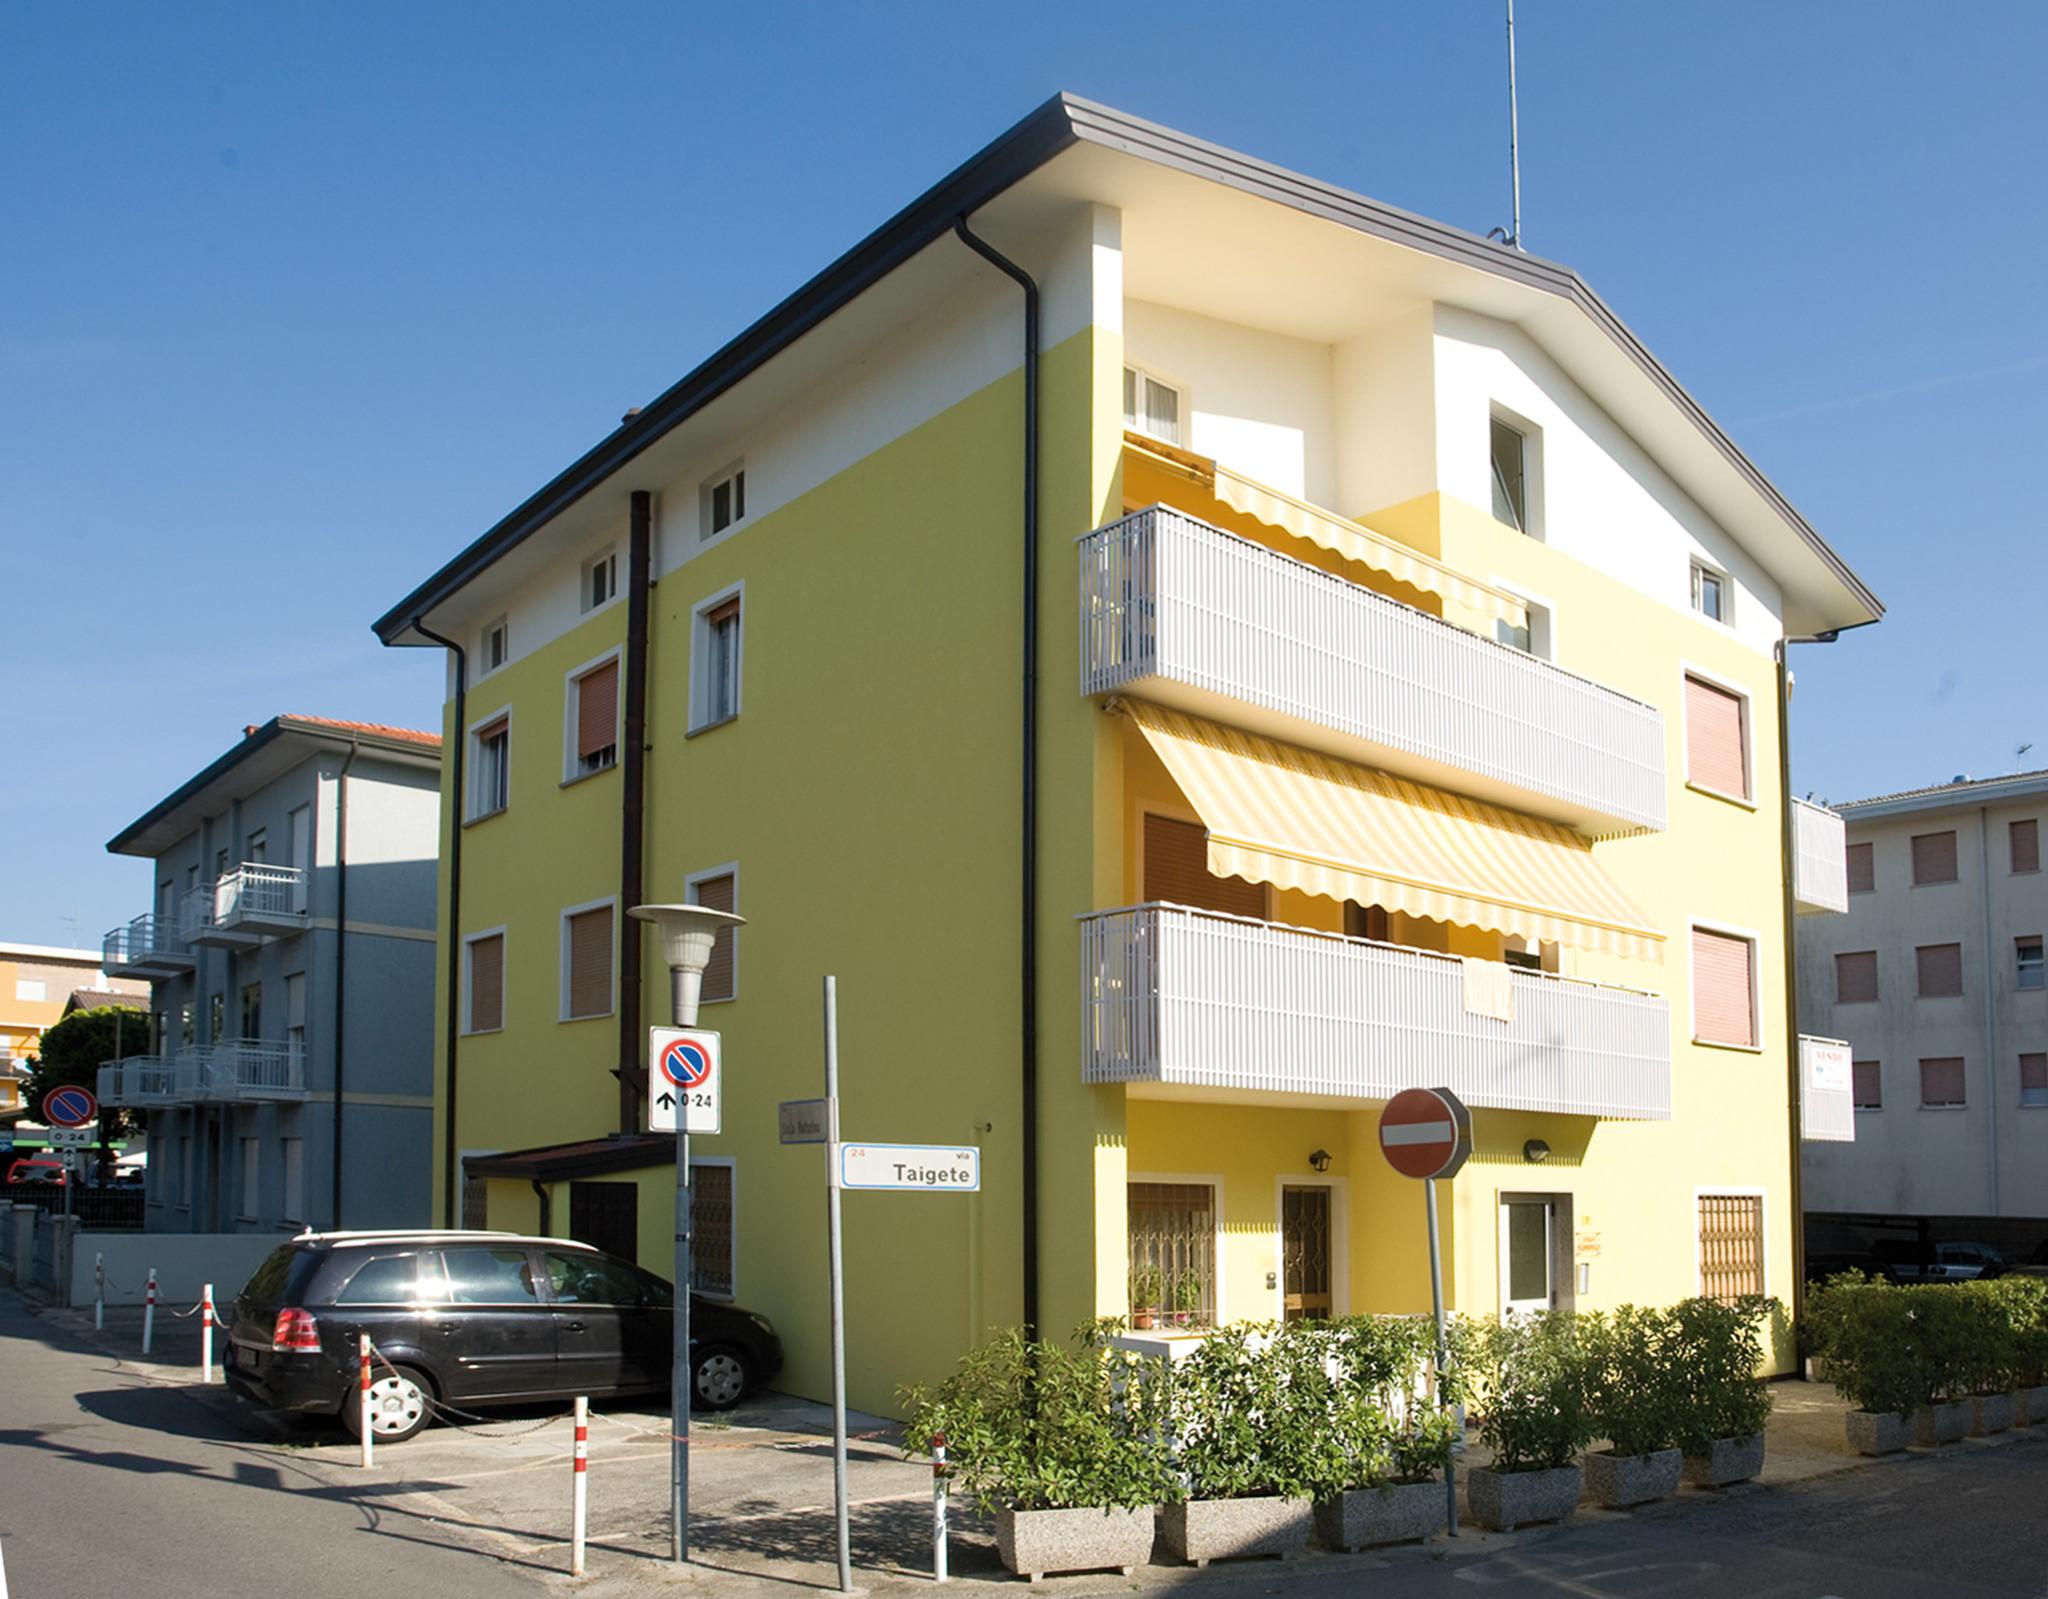 Ferienwohnung con lavatrice e balcone